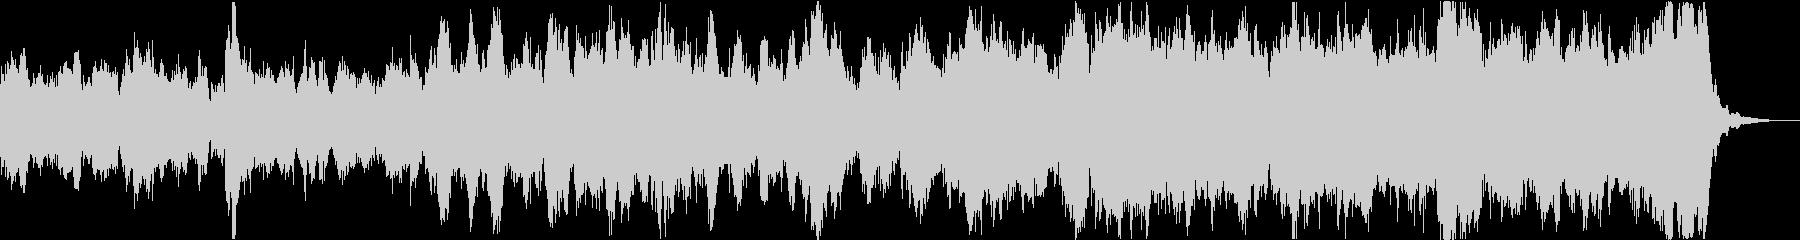 アフリカゾウ等のイメージに合うBGMの未再生の波形